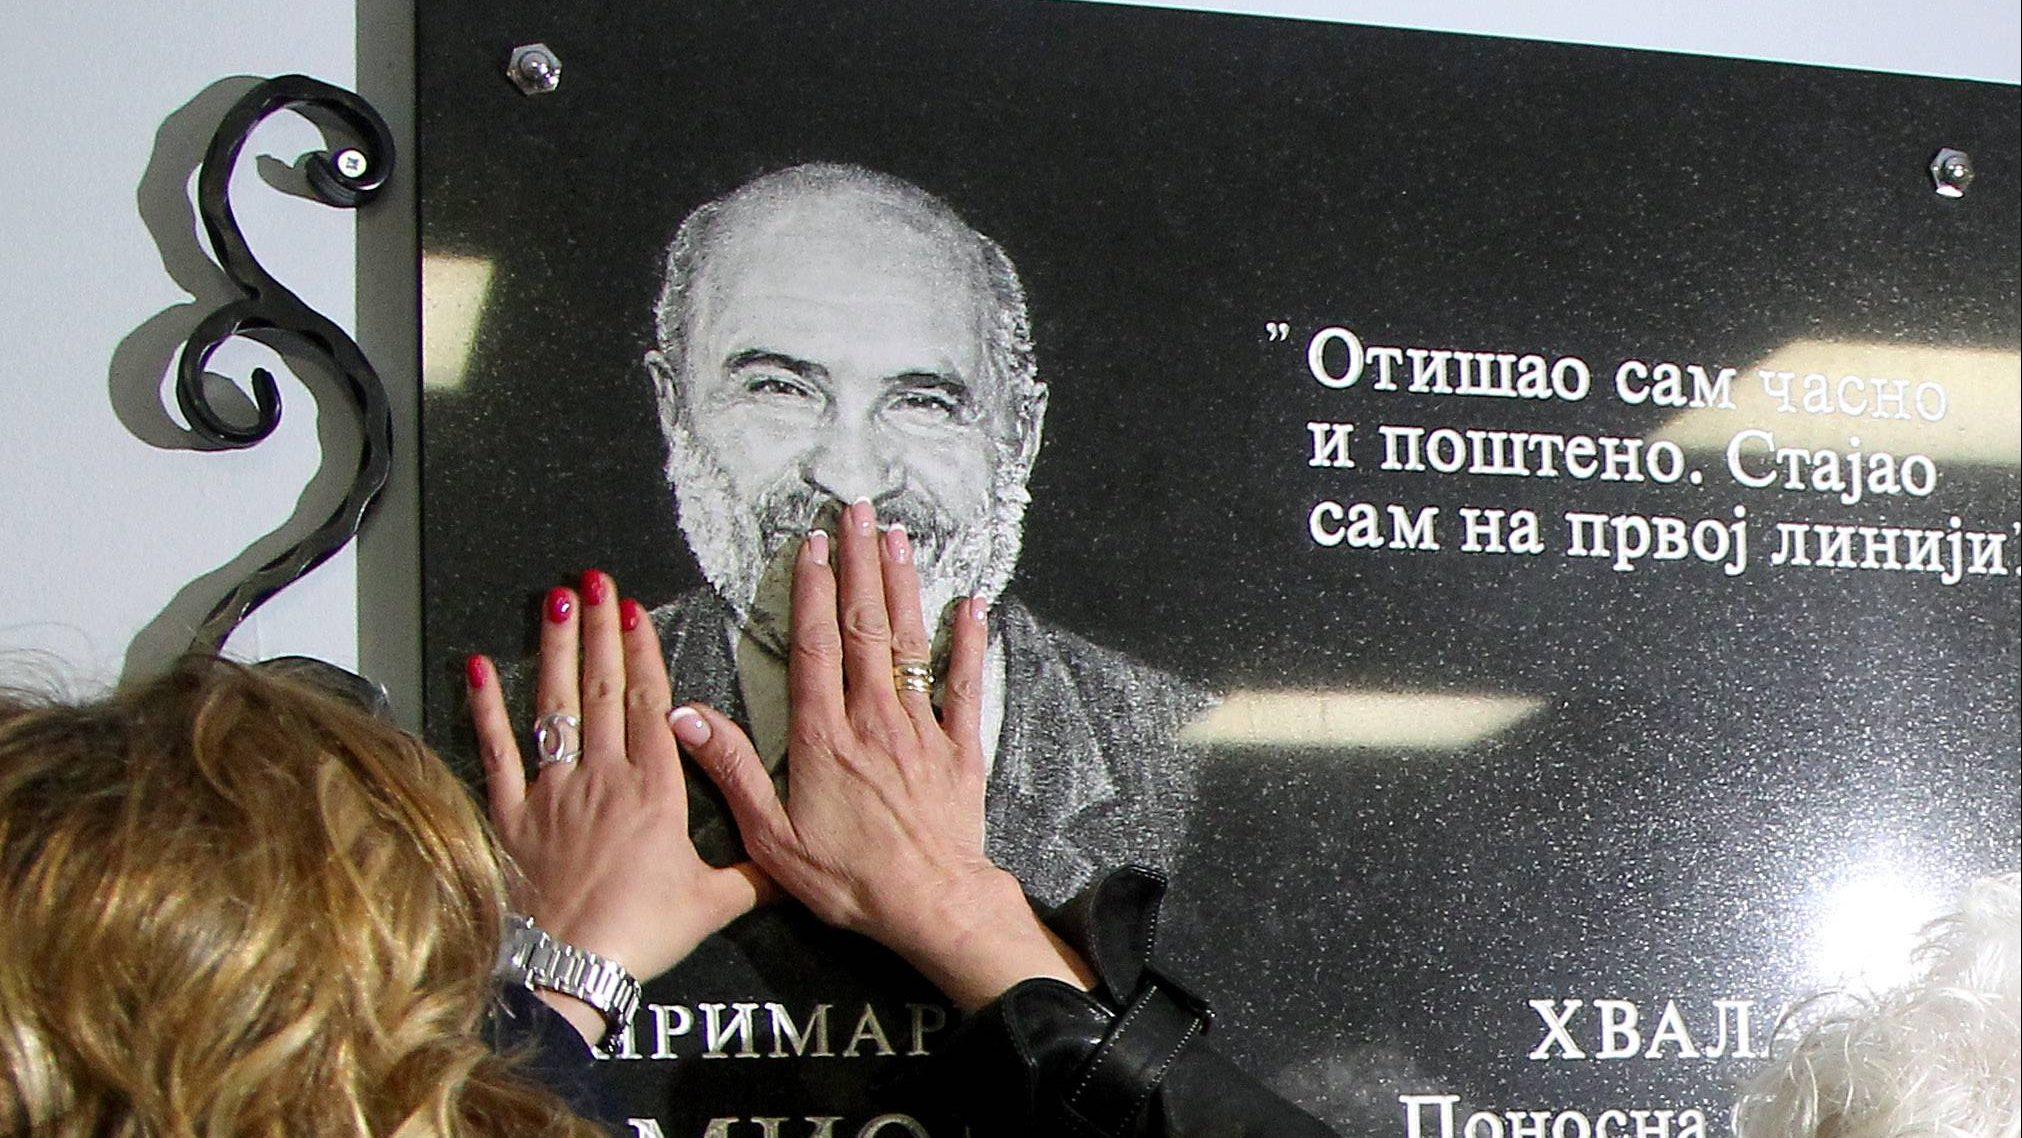 Doktor Lazić dobio spomen ploču u Urgentnom centru u Nišu, a ta ustanova njegovo ime 1